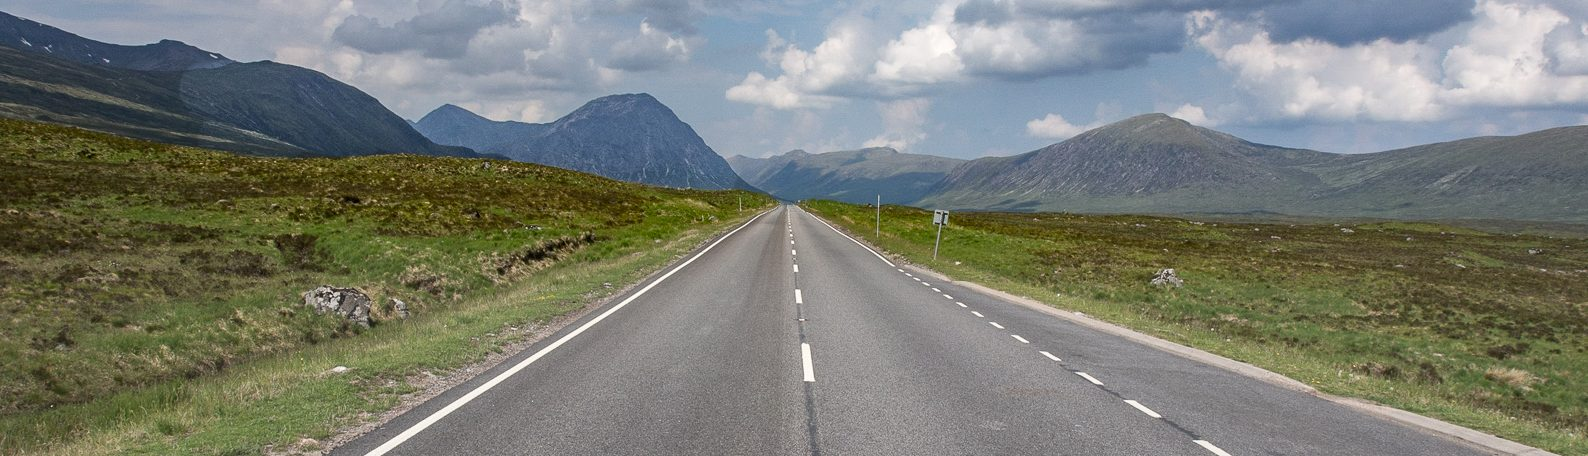 Viel Platz für das Wohnmobil: Highland in Schottland